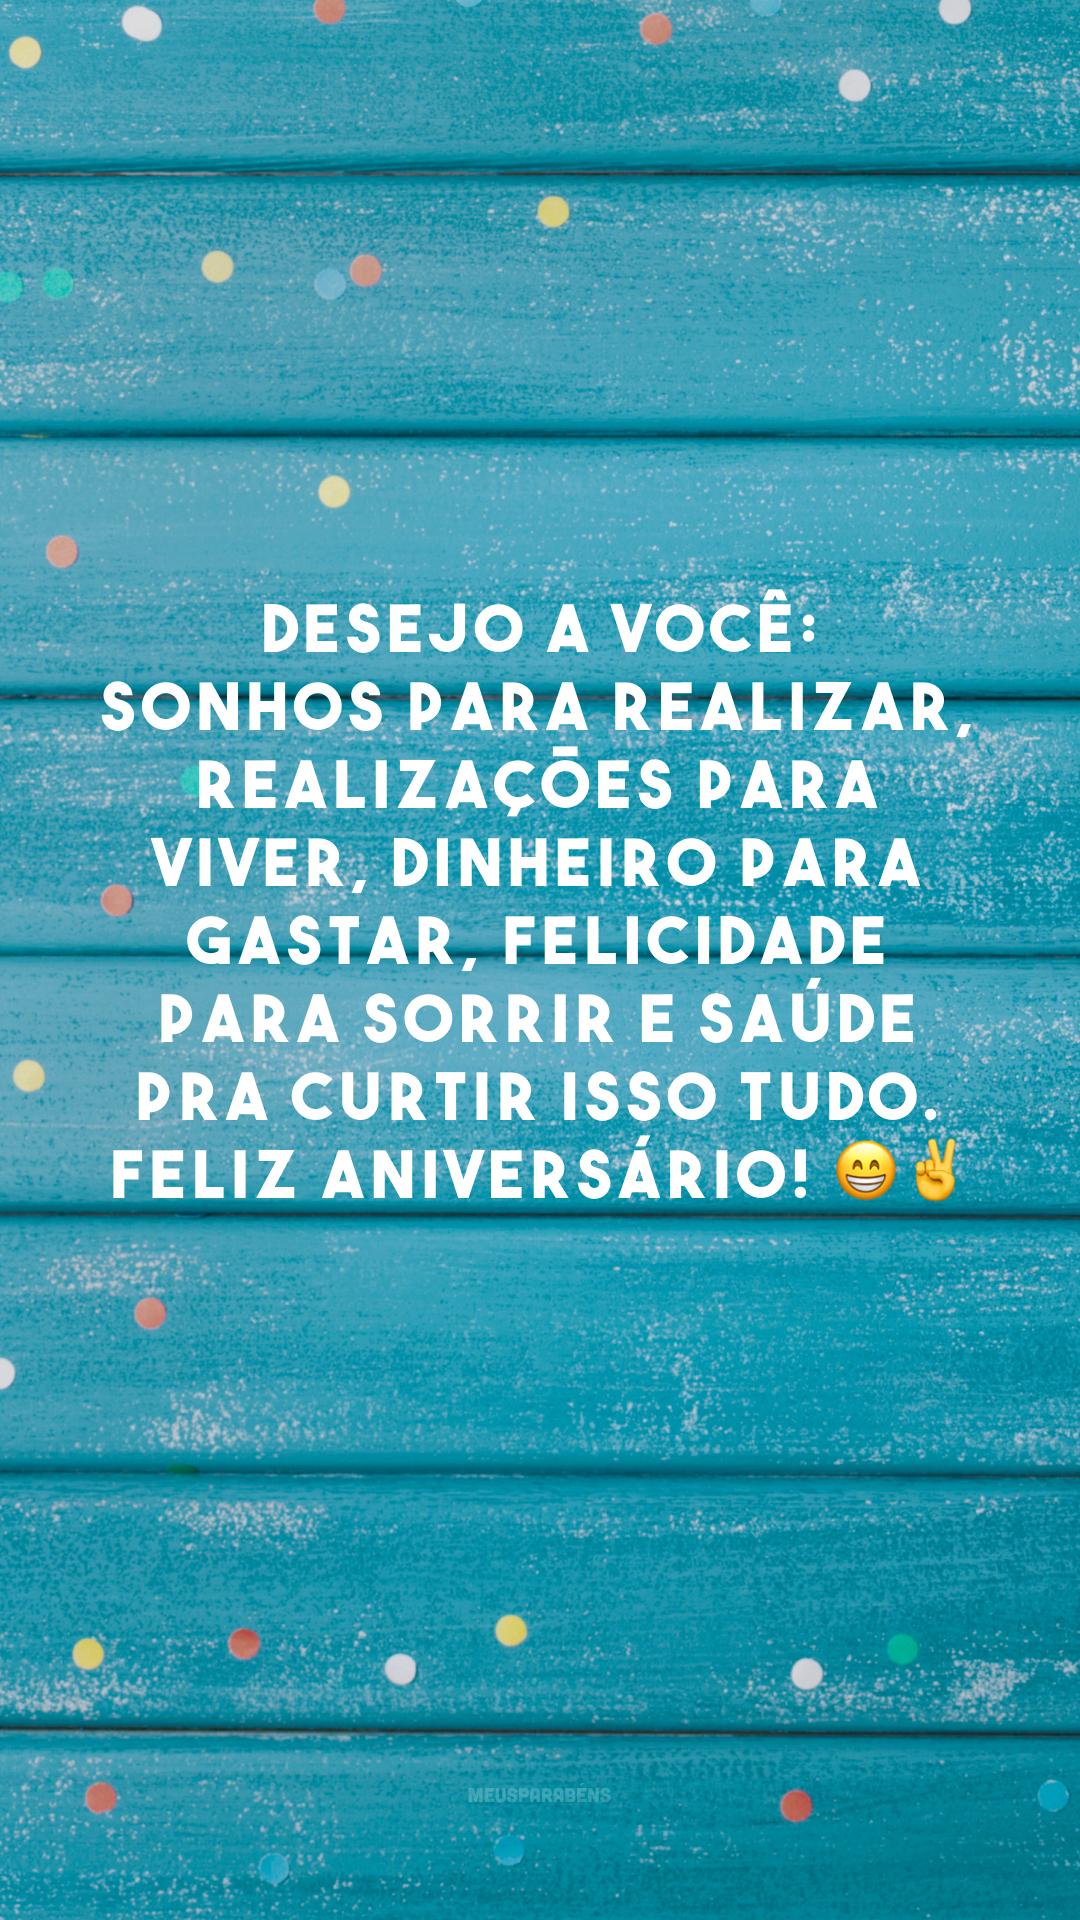 Desejo a você: sonhos para realizar, realizações para viver, dinheiro para gastar, felicidade para sorrir e saúde pra curtir isso tudo. Feliz aniversário! ?✌